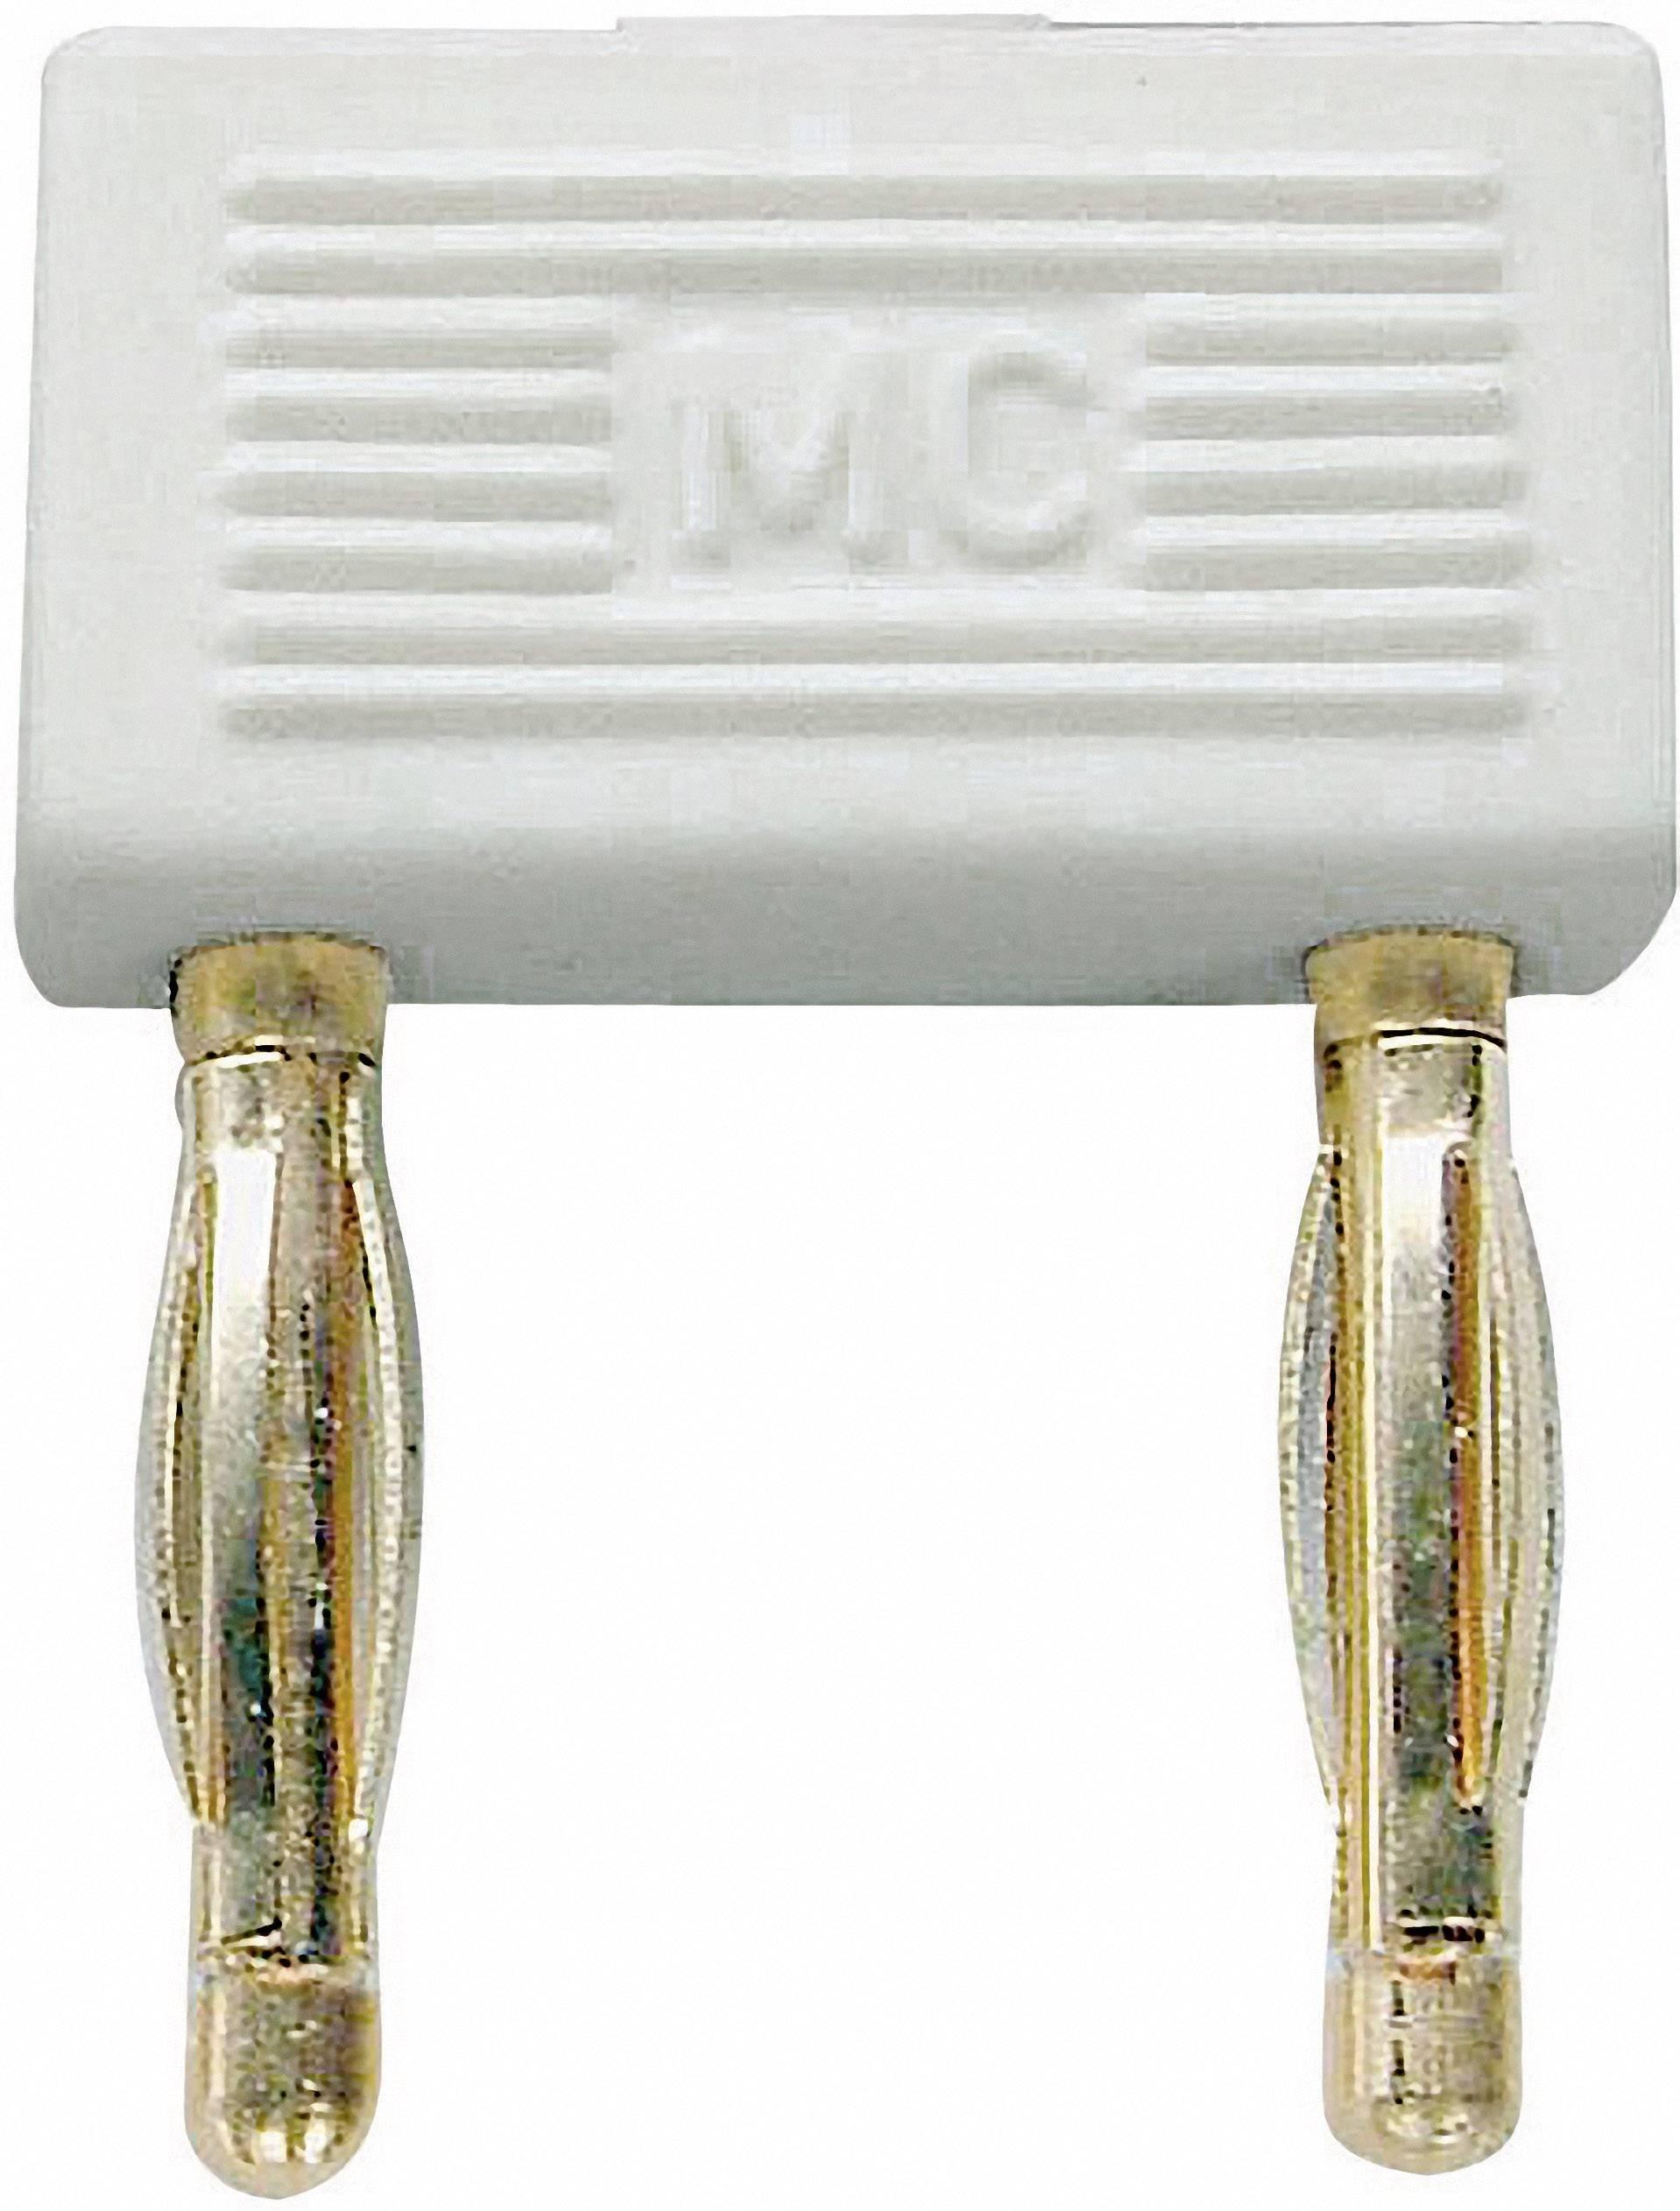 Spojovací konektor Stäubli KS2-10L/1, Ø hrotu 2 mm, rozostup hrotov 10 mm, biela, 1 ks